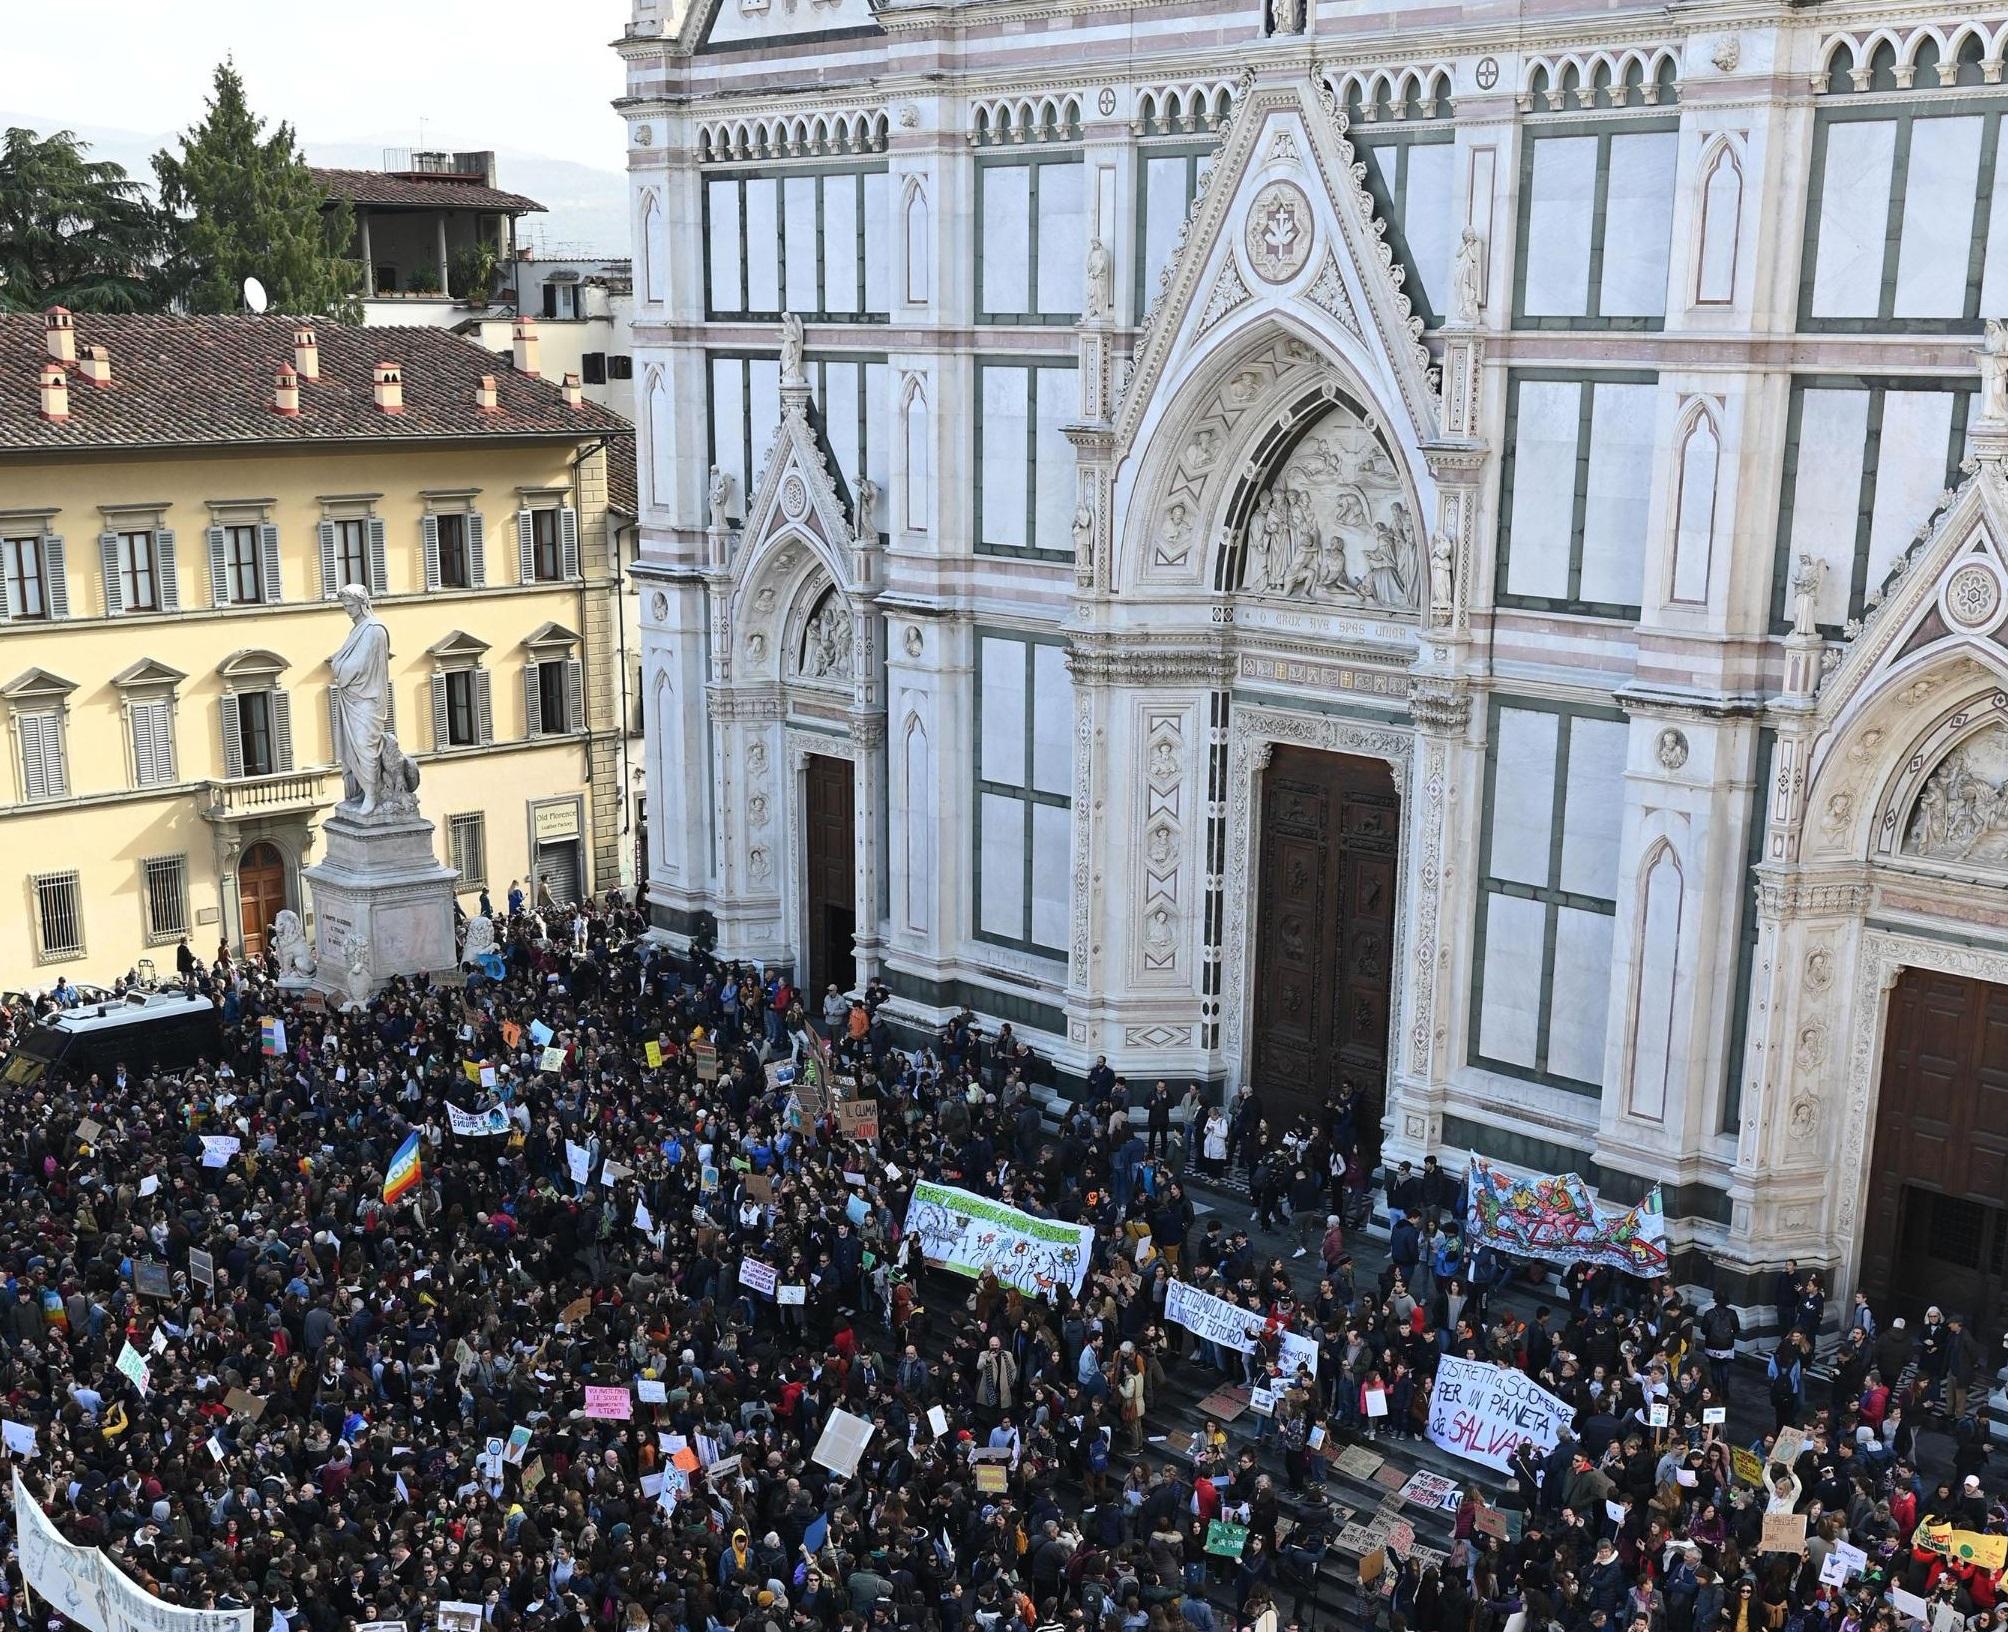 La protesta raggiunge anche Firenze, dove a Piazza Santa Croce si sono riuniti gli studenti toscani, sotto lo sguardo di Dante Alighieri